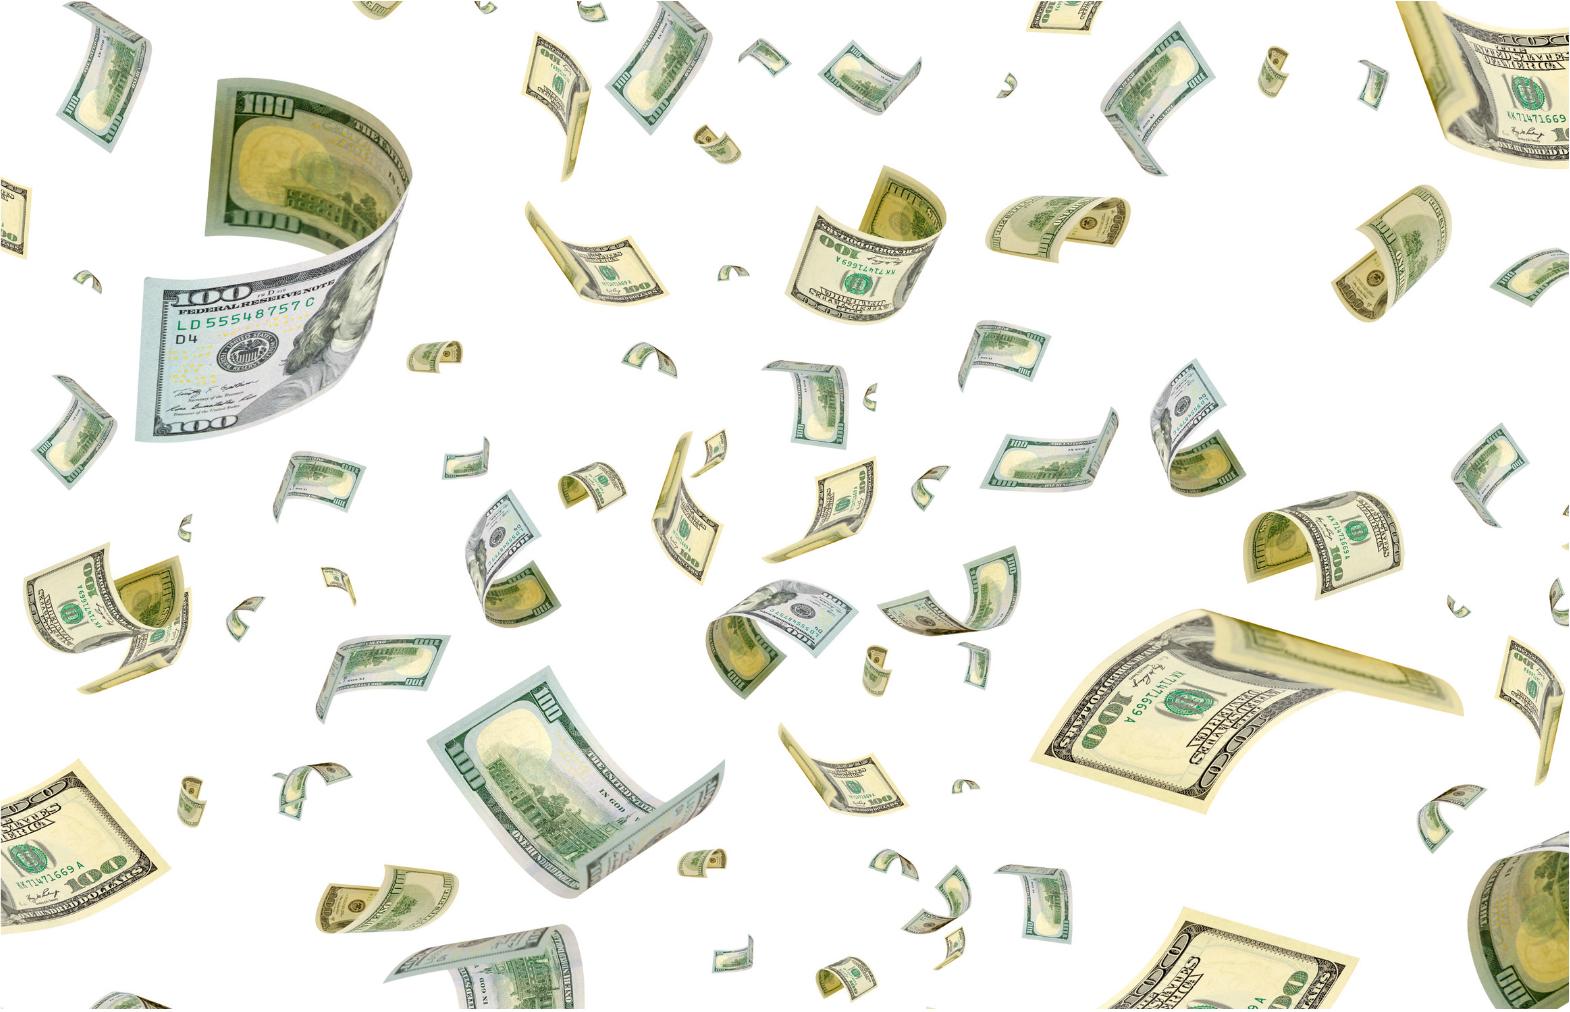 【2021年】ビットコインのバブルは、いつか崩壊するのか?